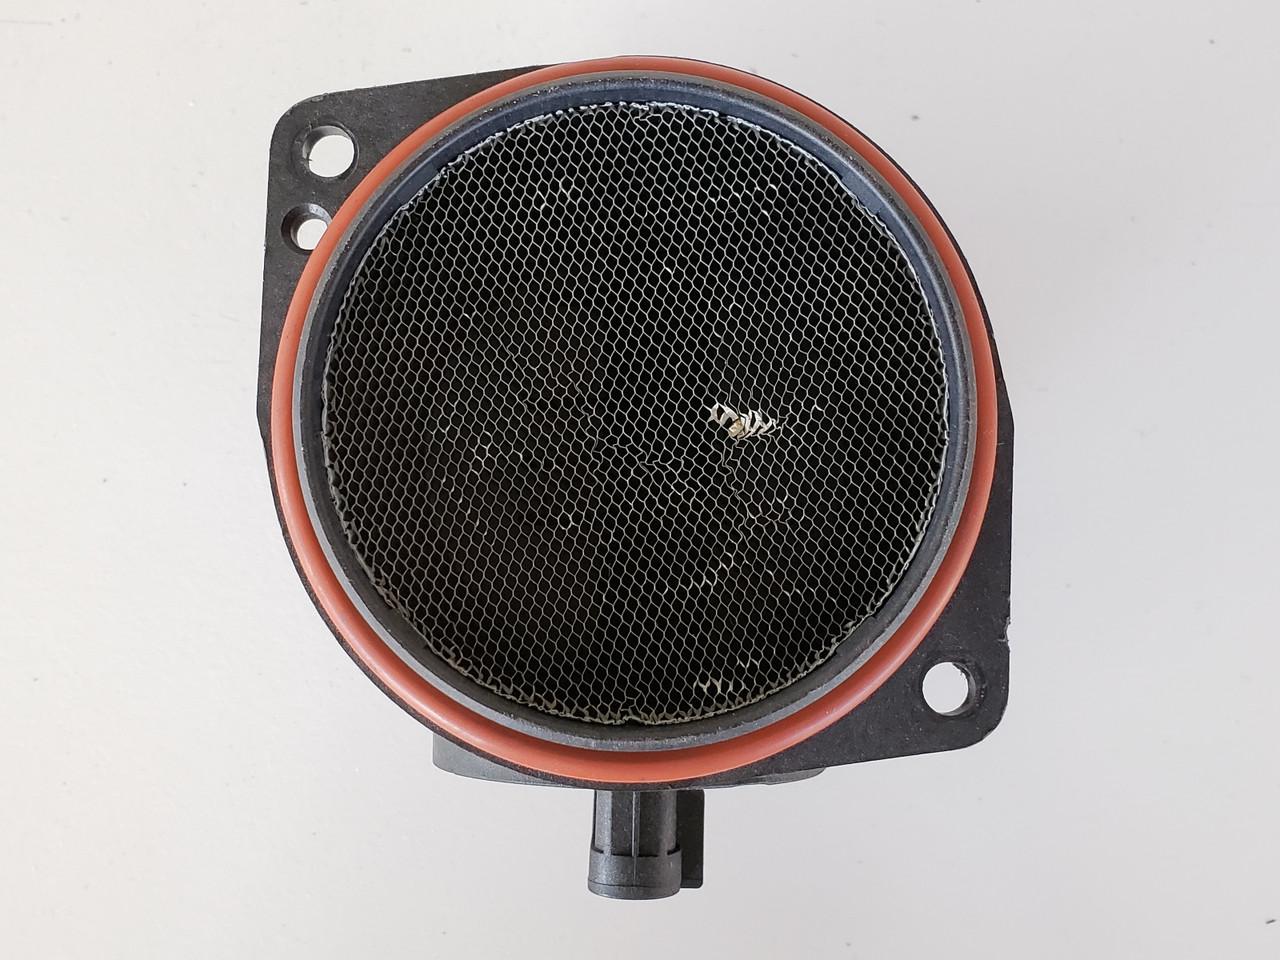 09-11 Hyundai Genesis Sedan 3.8L 28110-3C100 OEM MAF Mass Air Flow Sensor Meter